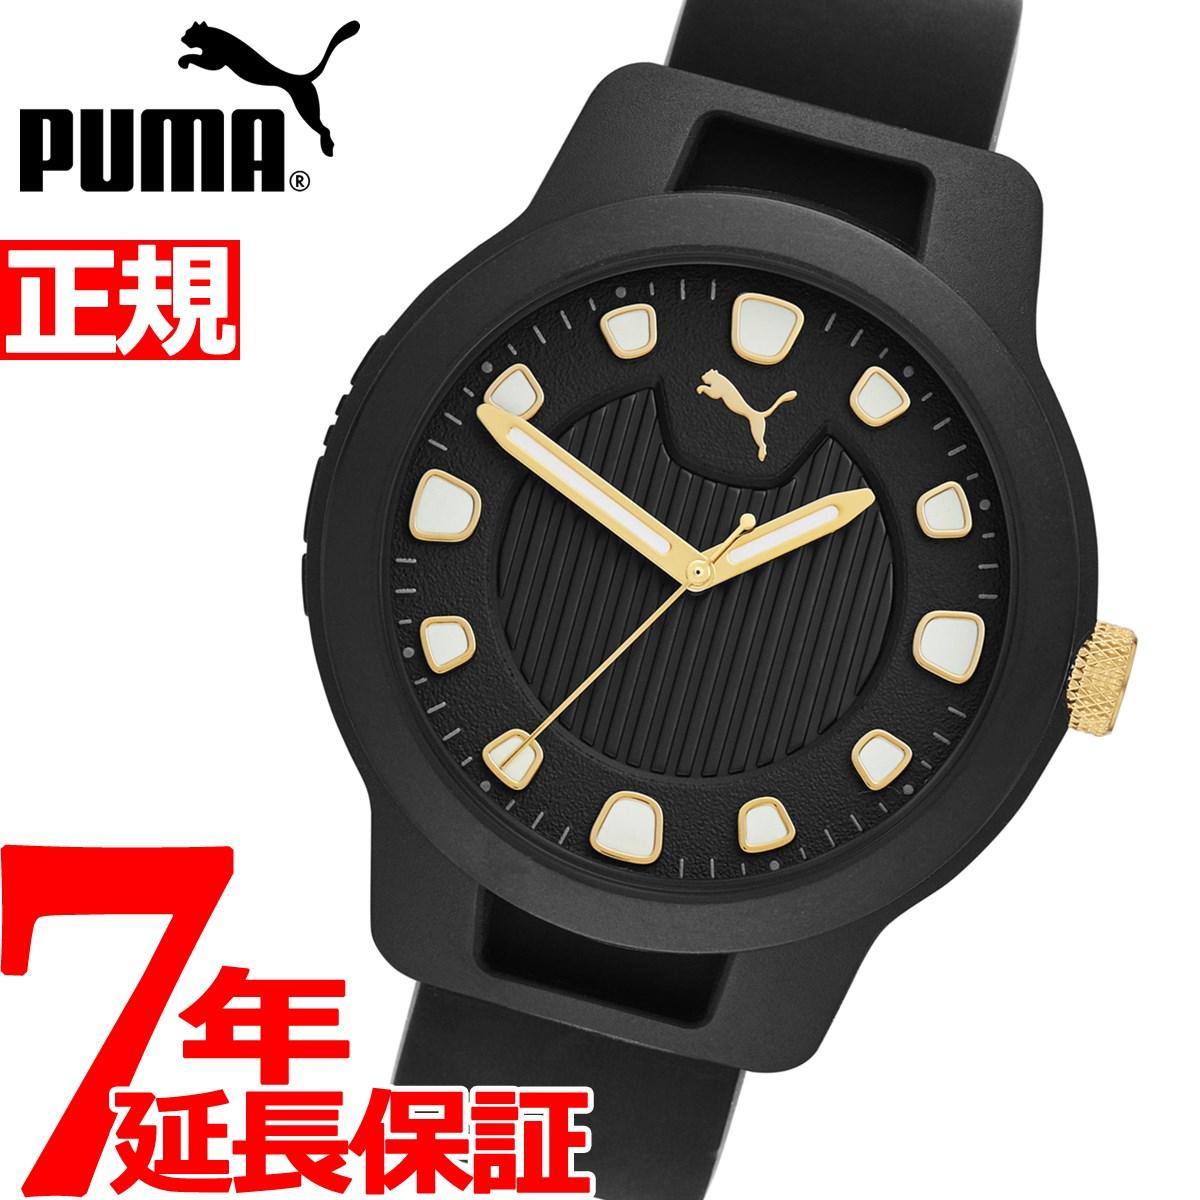 【5日0時~♪最大2000円OFFクーポン&店内ポイント最大51倍!5日23時59分まで】プーマ PUMA 腕時計 メンズ レディース リセットV1 RESET V1 P5033【2020 新作】